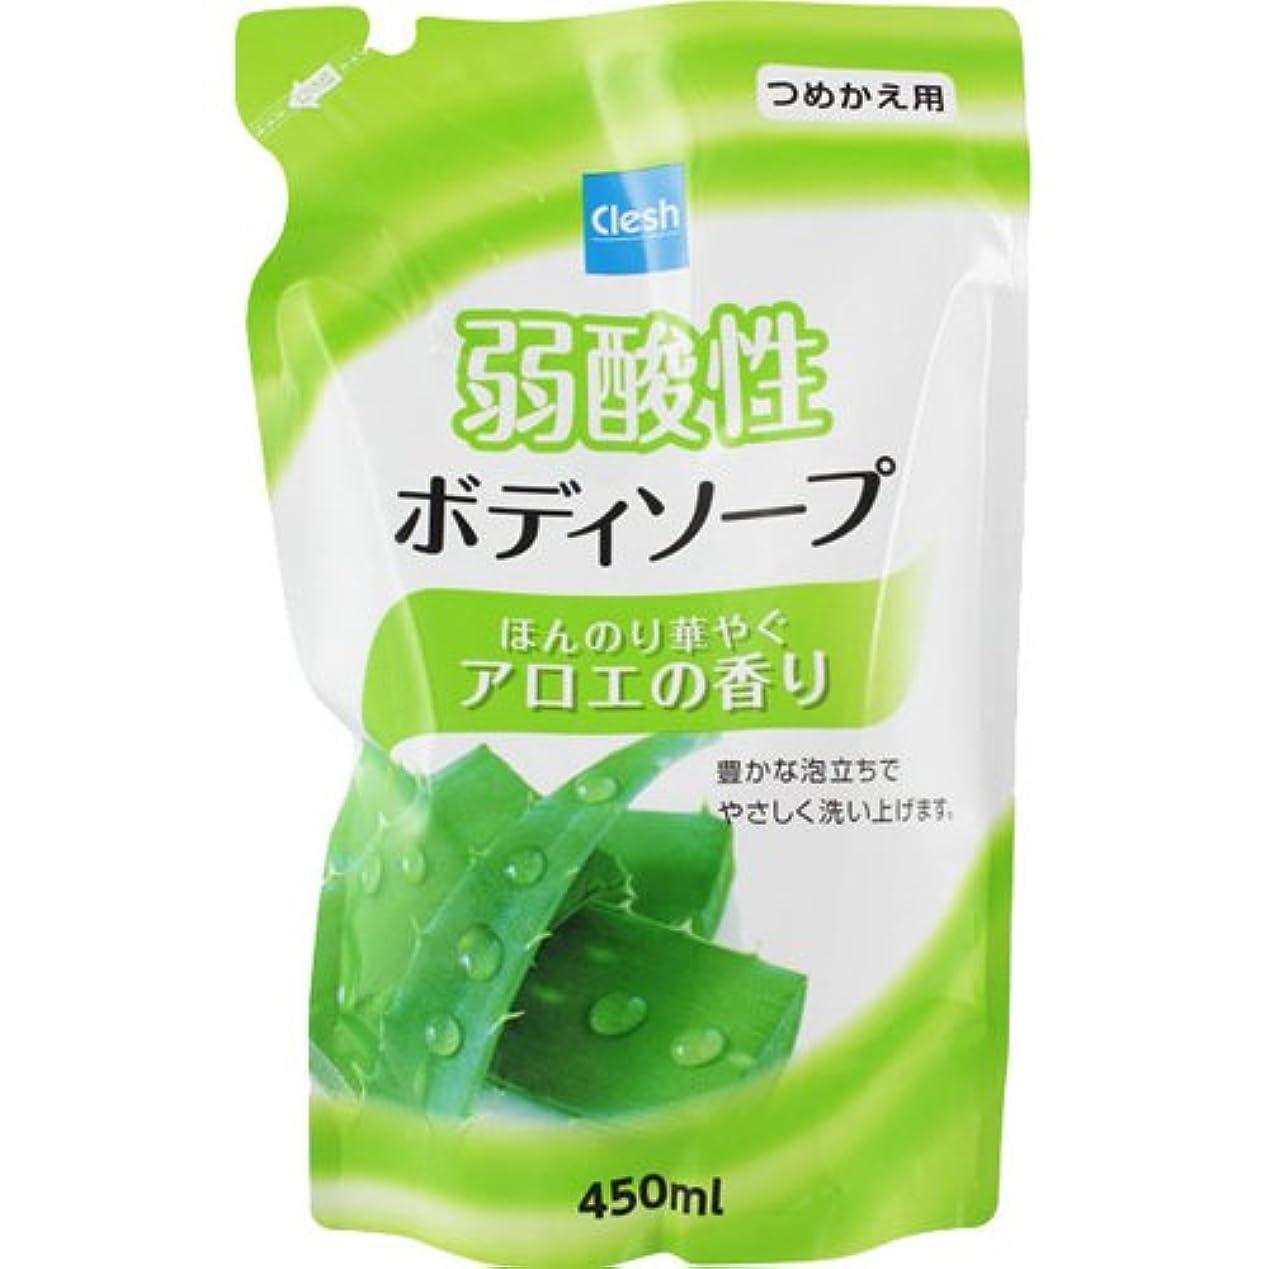 映画タイヤプロットClesh(クレシュ) 弱酸性ボディソープ アロエの香り つめかえ用 450ml